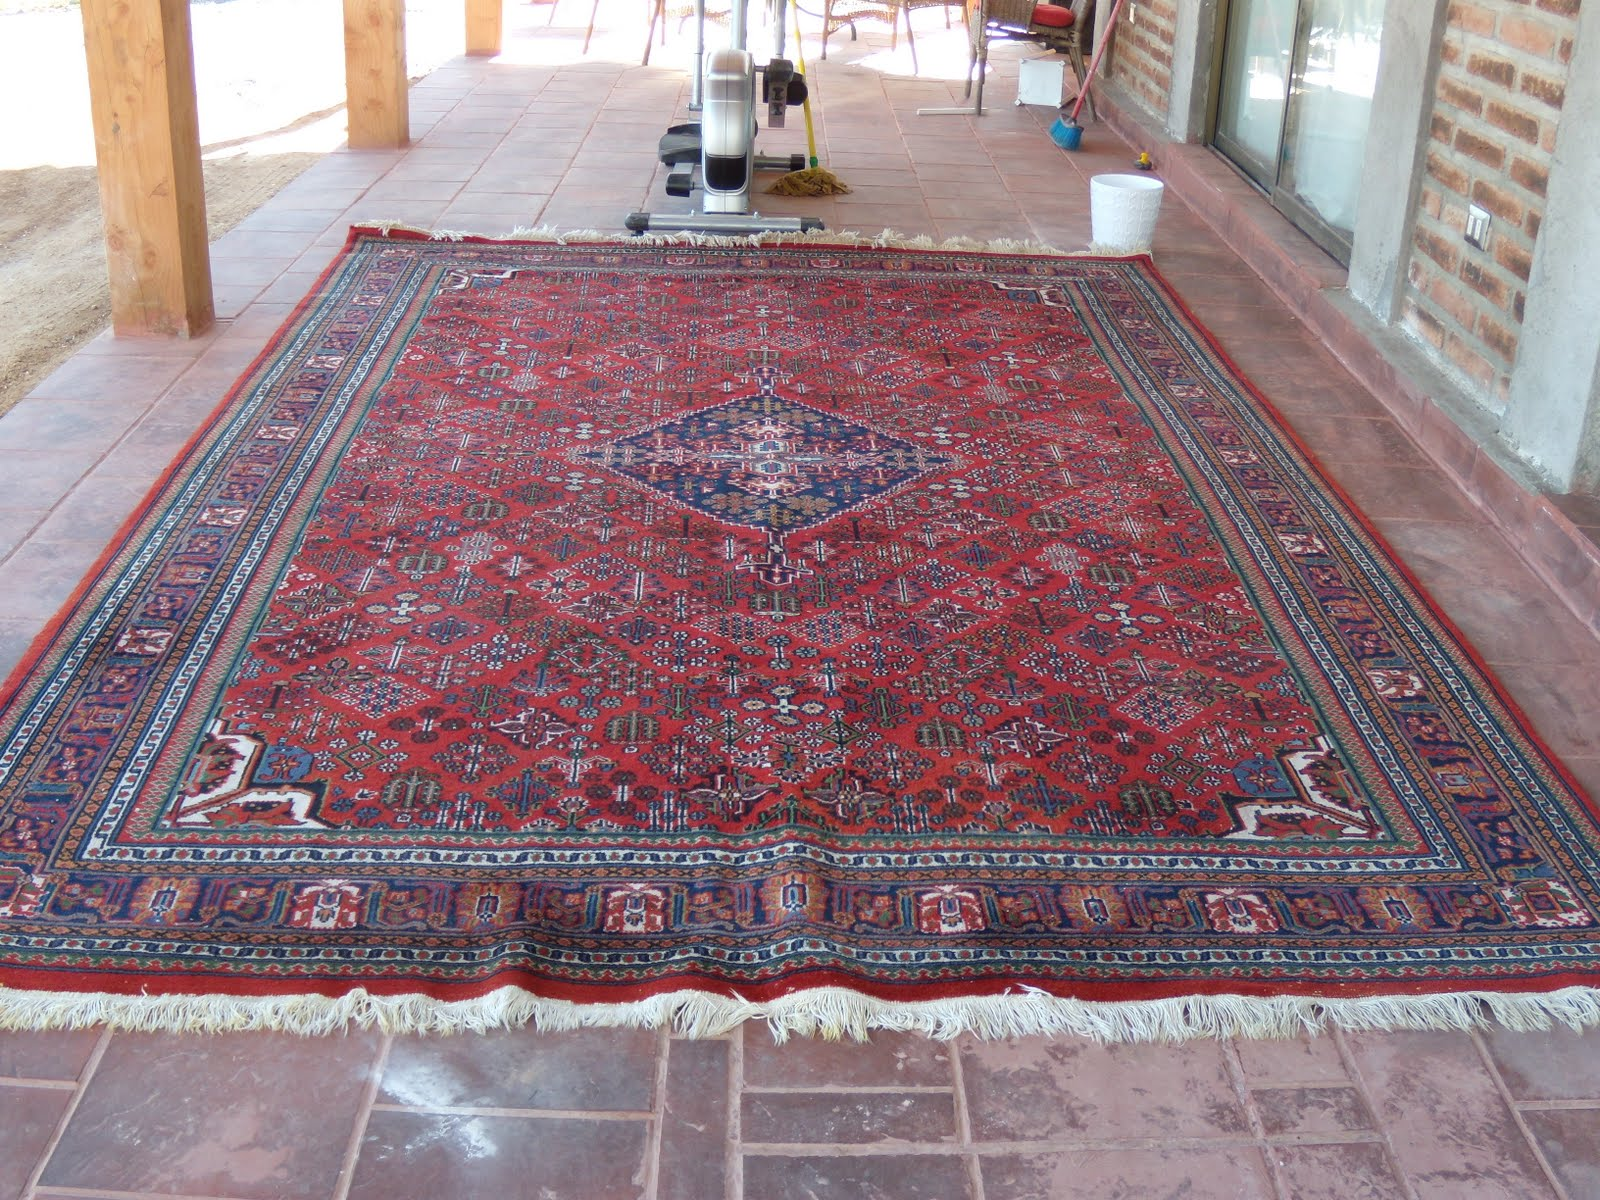 Venta garage alfombra persa en buen estado 240 x 320 cm for Alfombra 180 x 240